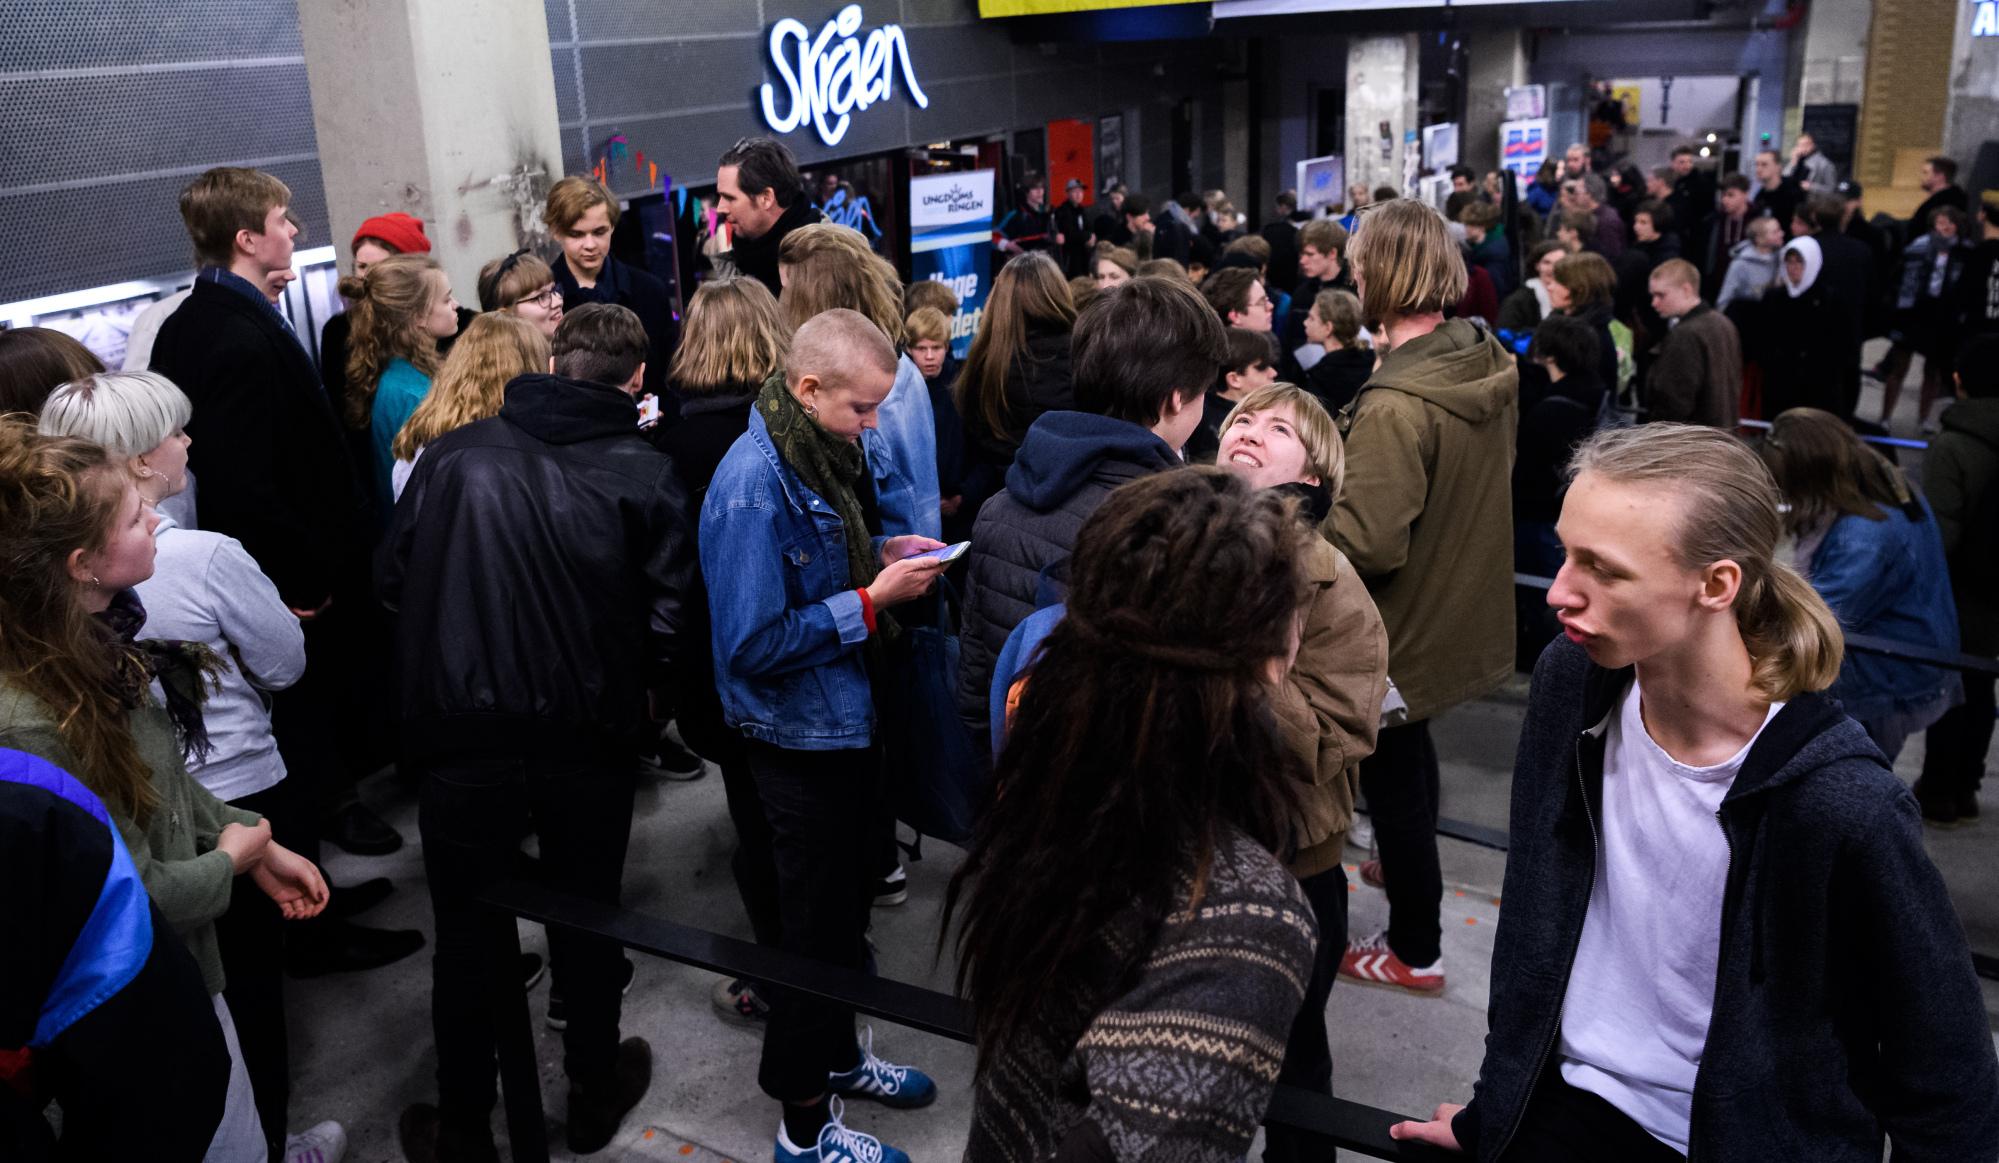 Mange unge bliver tiltrukket af, at de kan stå på de samme scene, som nogle af deres idoler, vurderer arrangørerne. Arkivfoto: Nicolas Cho Meier